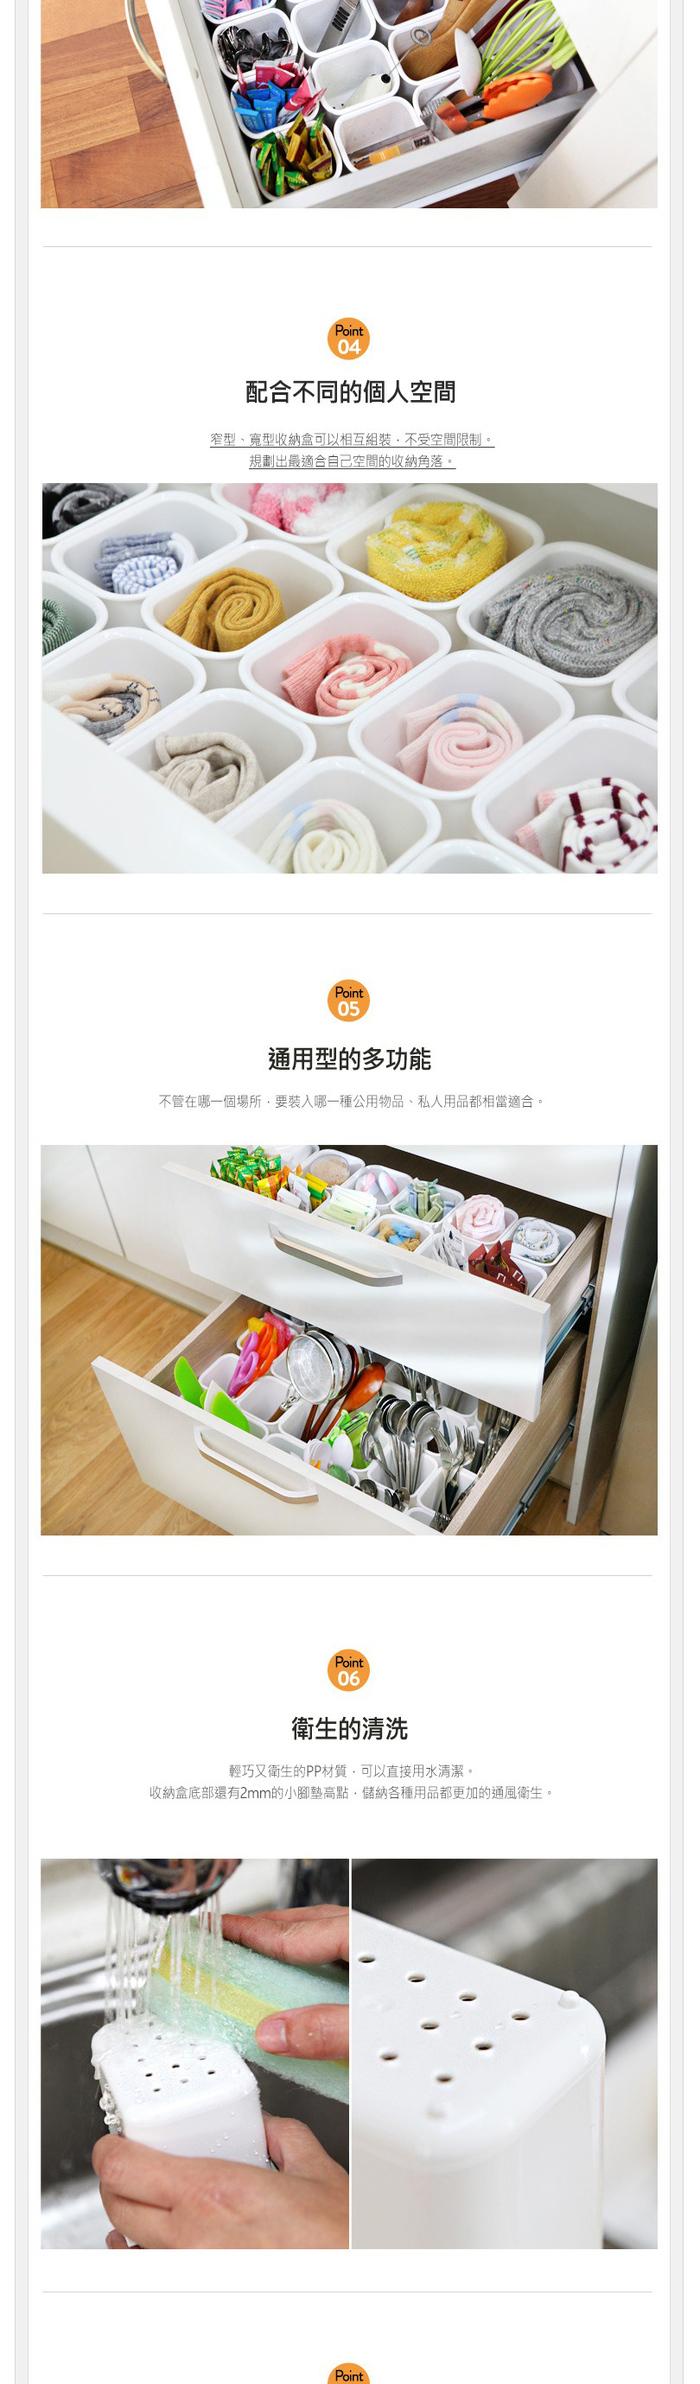 (複製)Changsin|FRANCO居家抽屜式回收櫃-40L